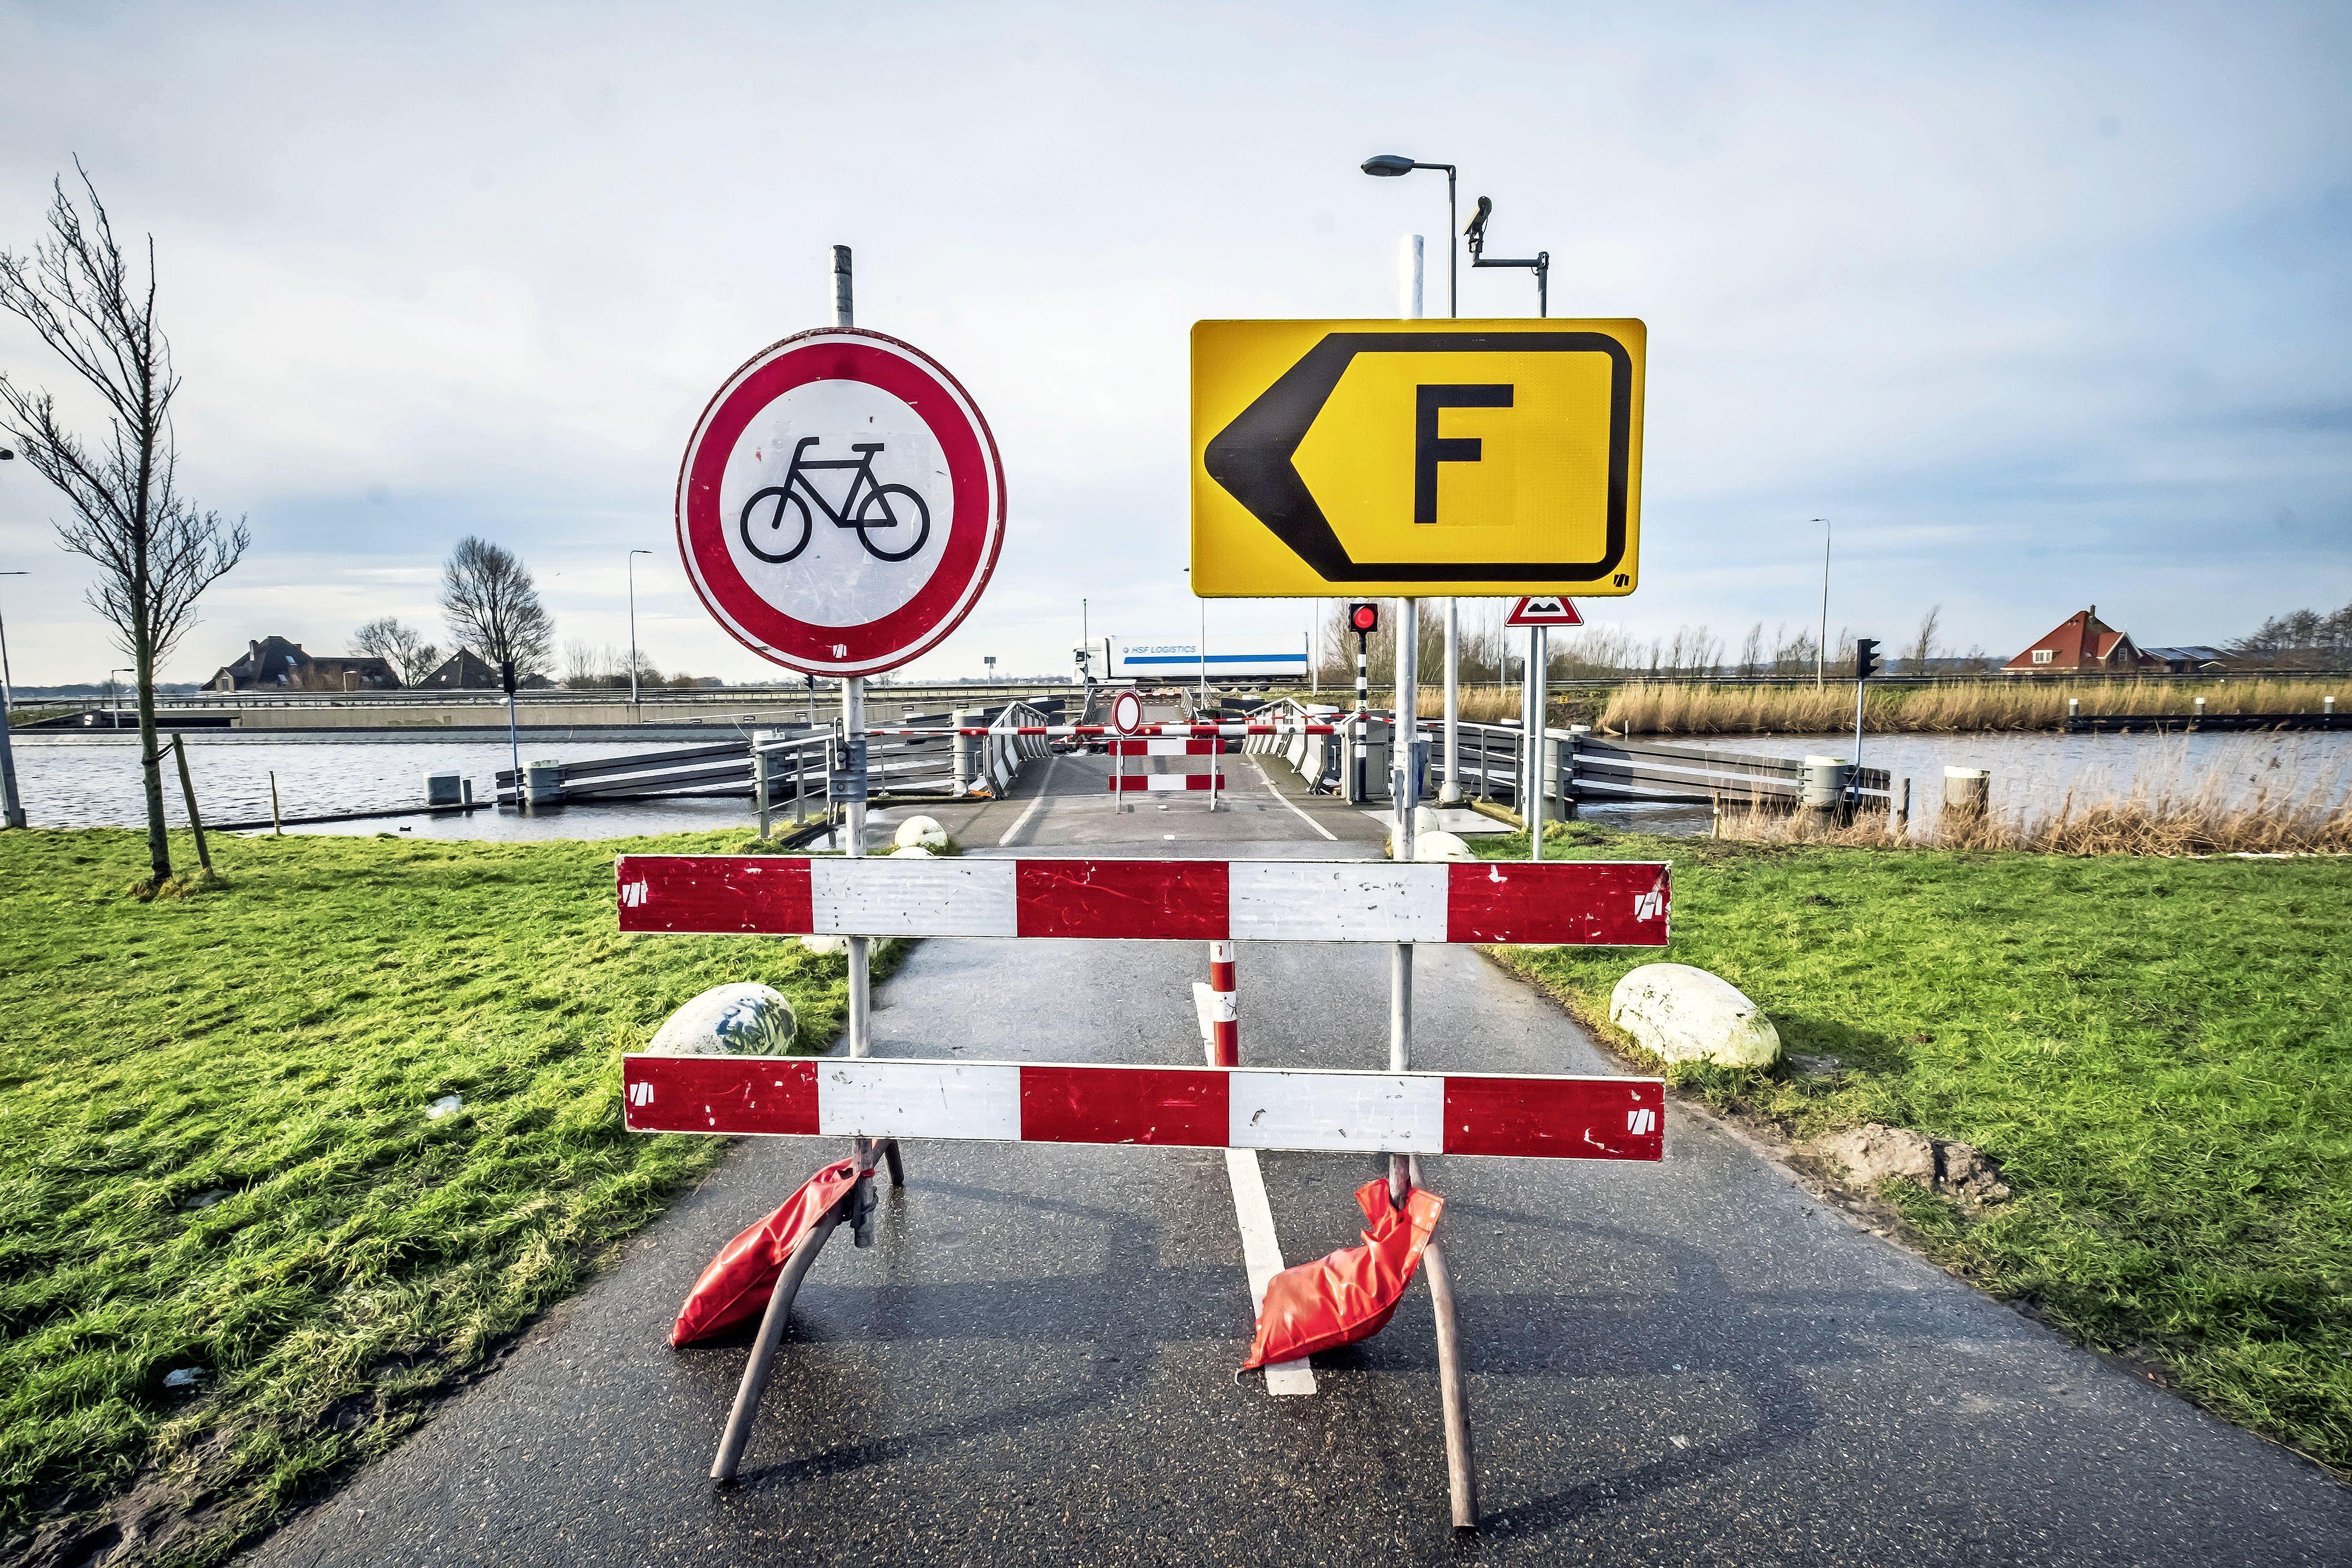 Vlotbrug toch weer 'flopbrug'. Aanzienlijke schade aan Rekervlotbrug door aanvaring. Fietsers moeten de komende tijd weer omrijden. Wanneer de brug weer opengaat? Geen idee